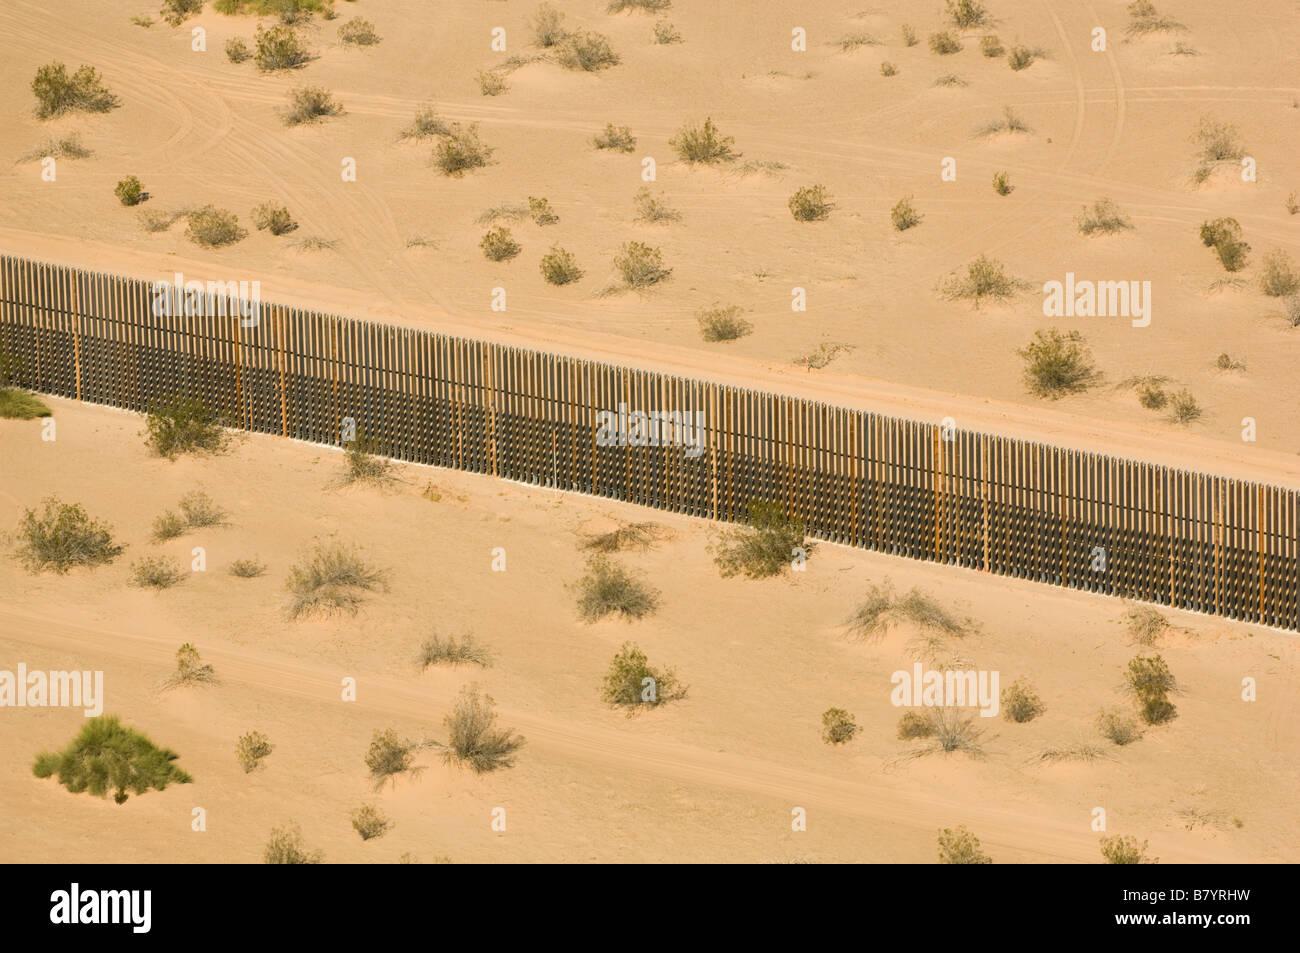 US-mexikanischen Grenze Zaun, Antenne, Imperial Dünen in der Nähe von Calexico, Kalifornien Stockbild